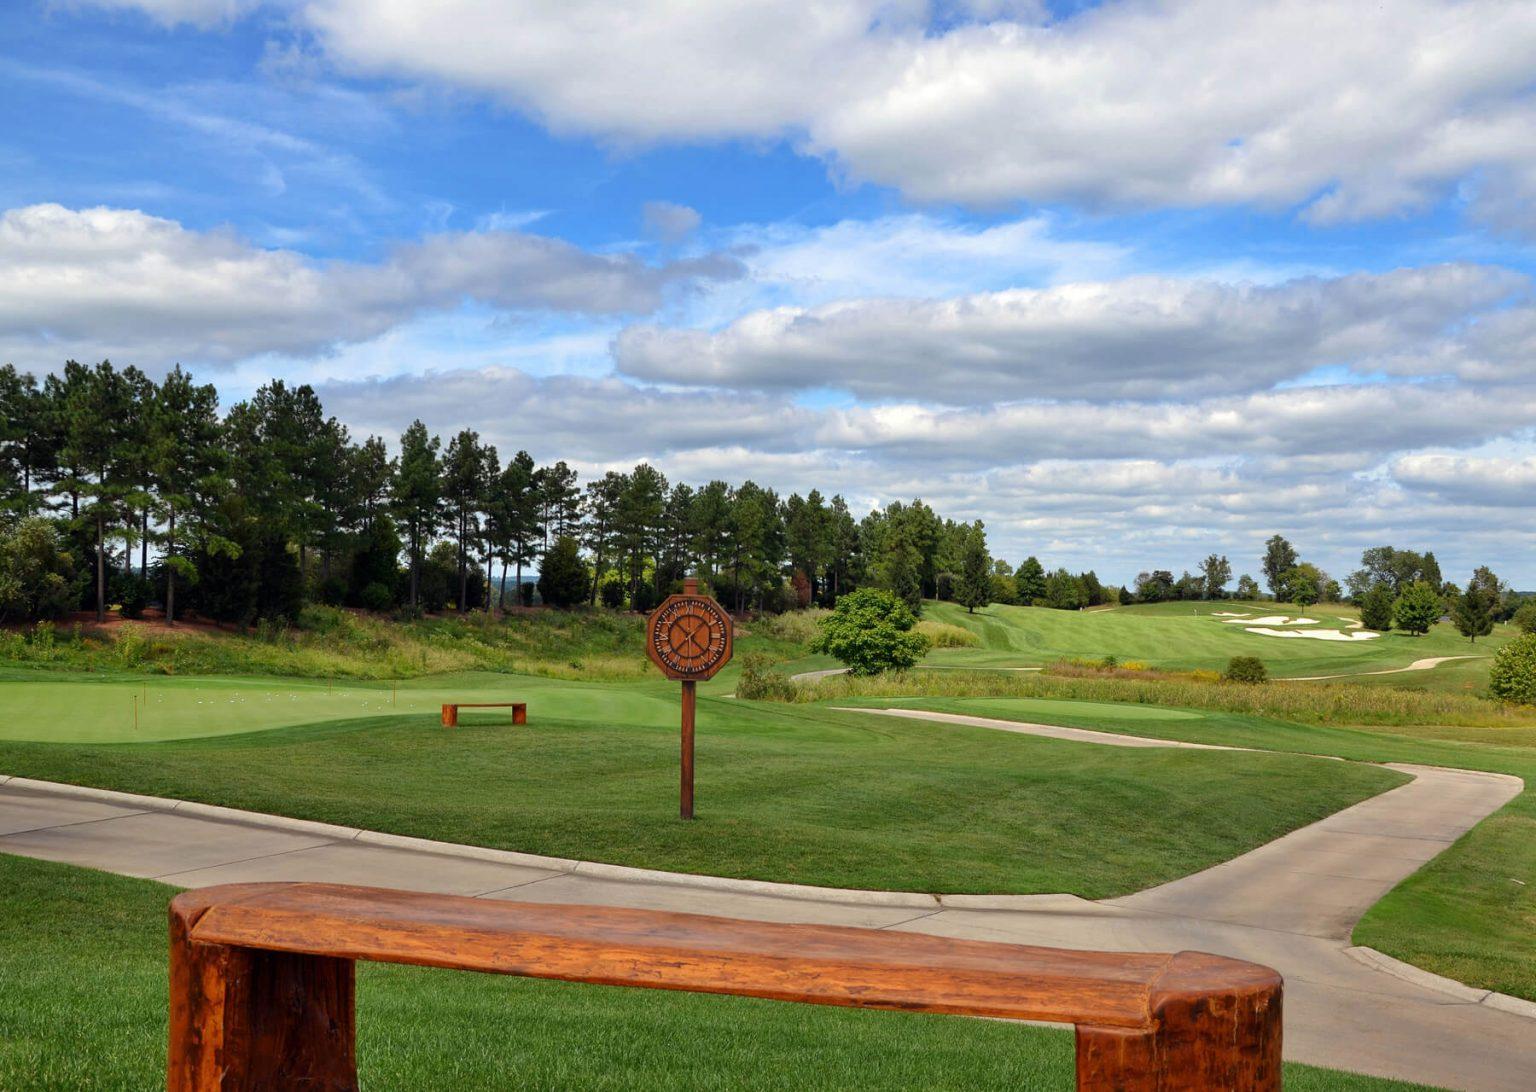 creighton farms golf course tenth hole